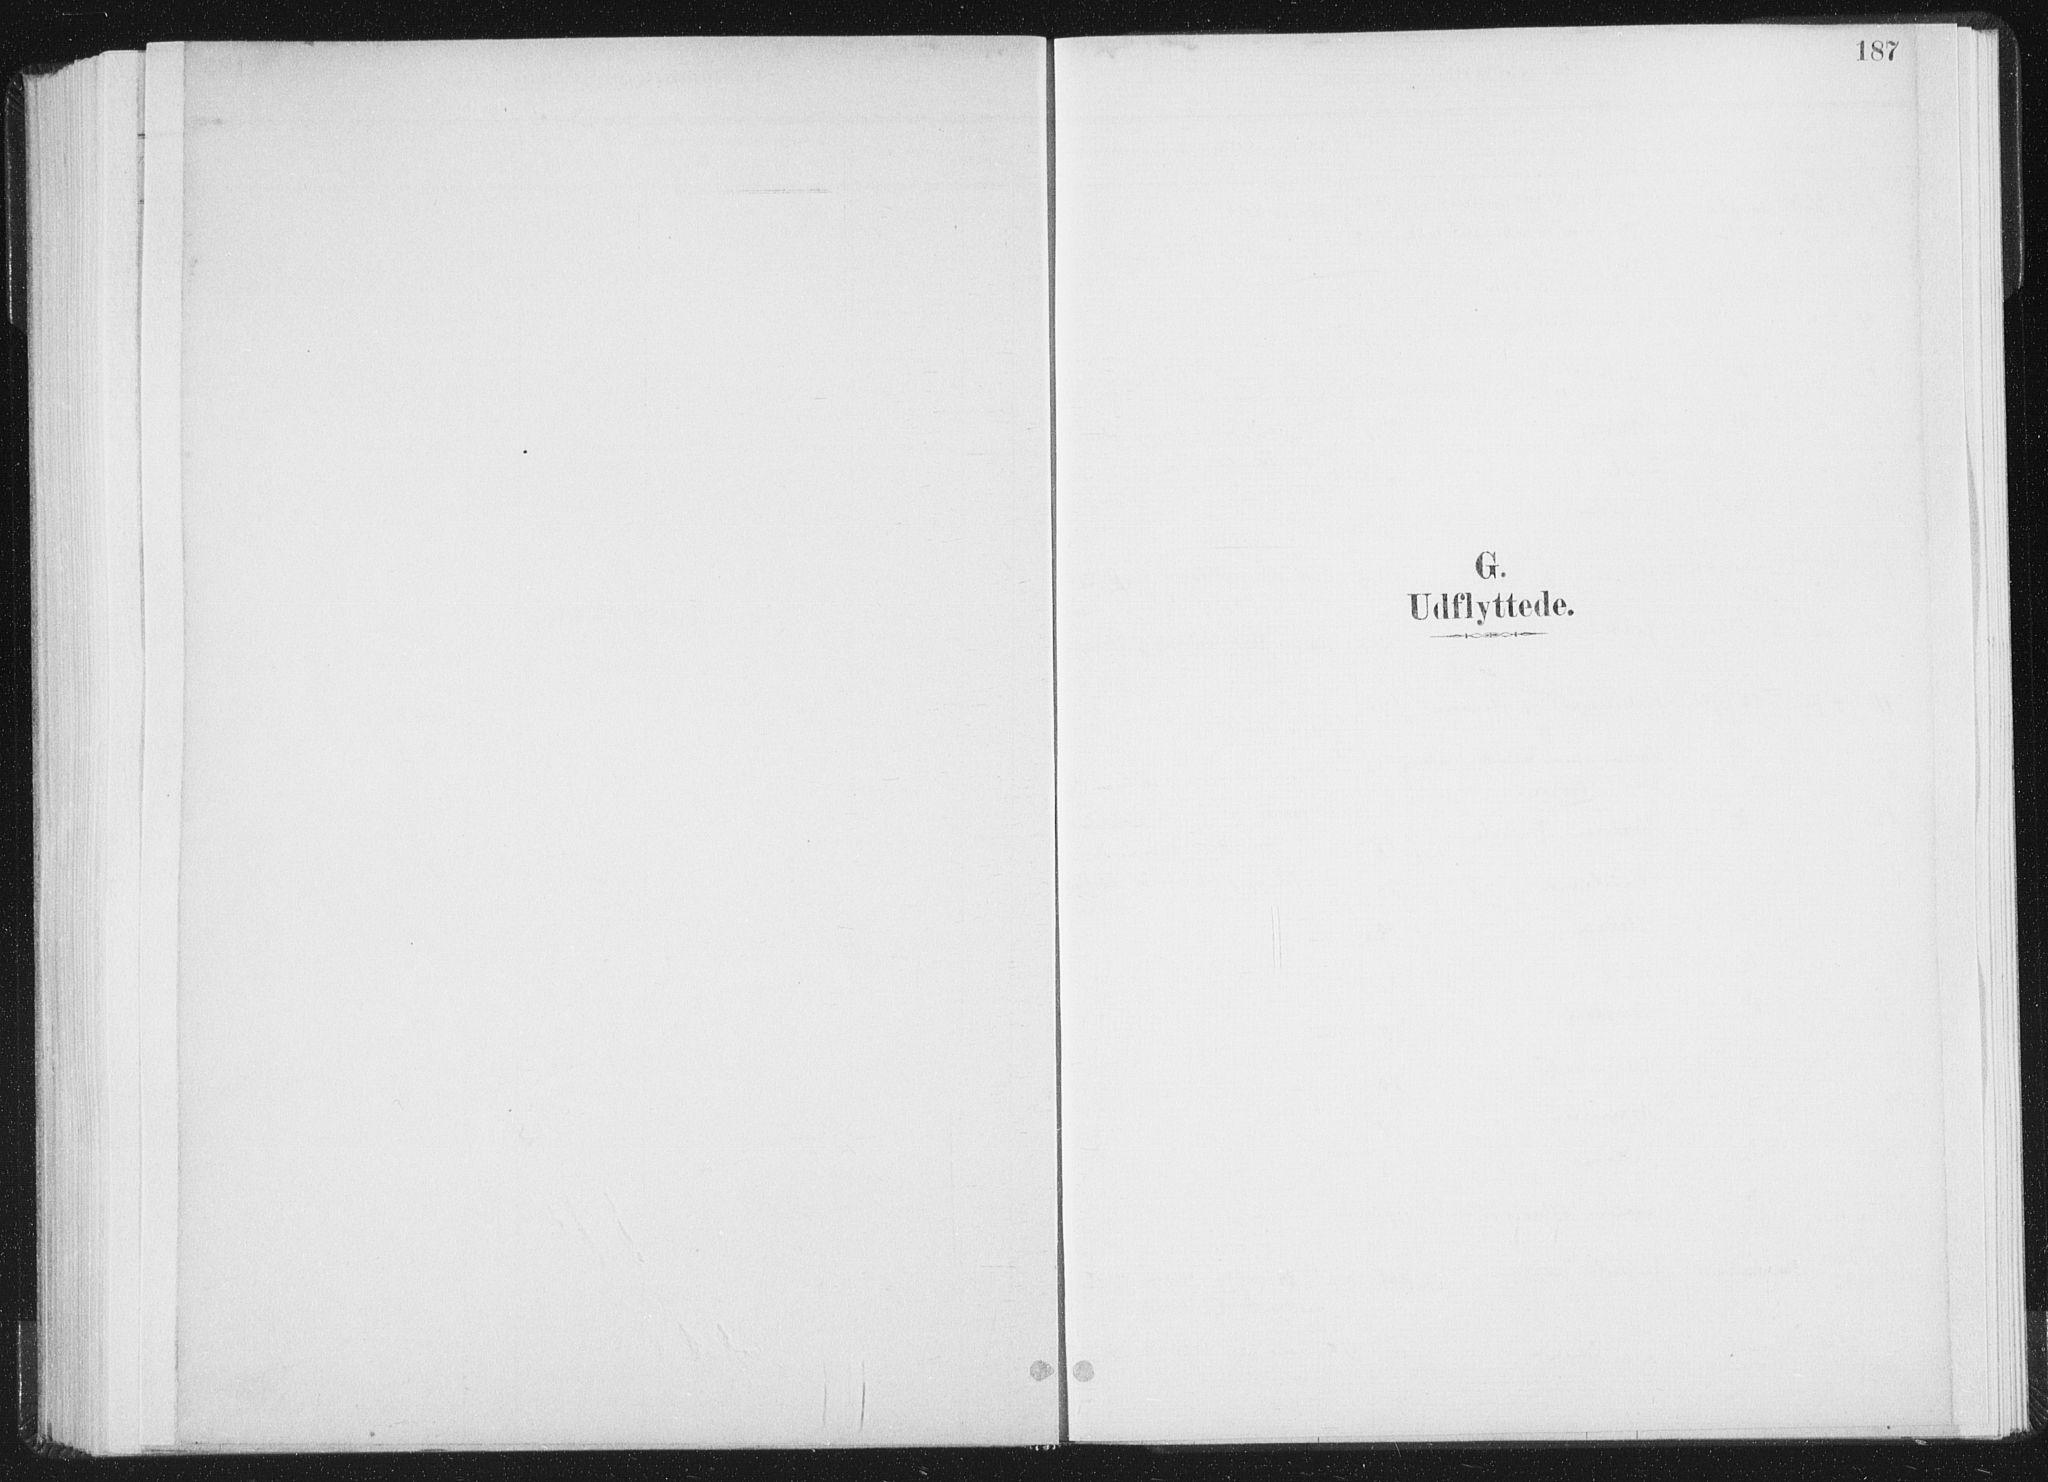 SAT, Ministerialprotokoller, klokkerbøker og fødselsregistre - Nord-Trøndelag, 771/L0597: Ministerialbok nr. 771A04, 1885-1910, s. 187